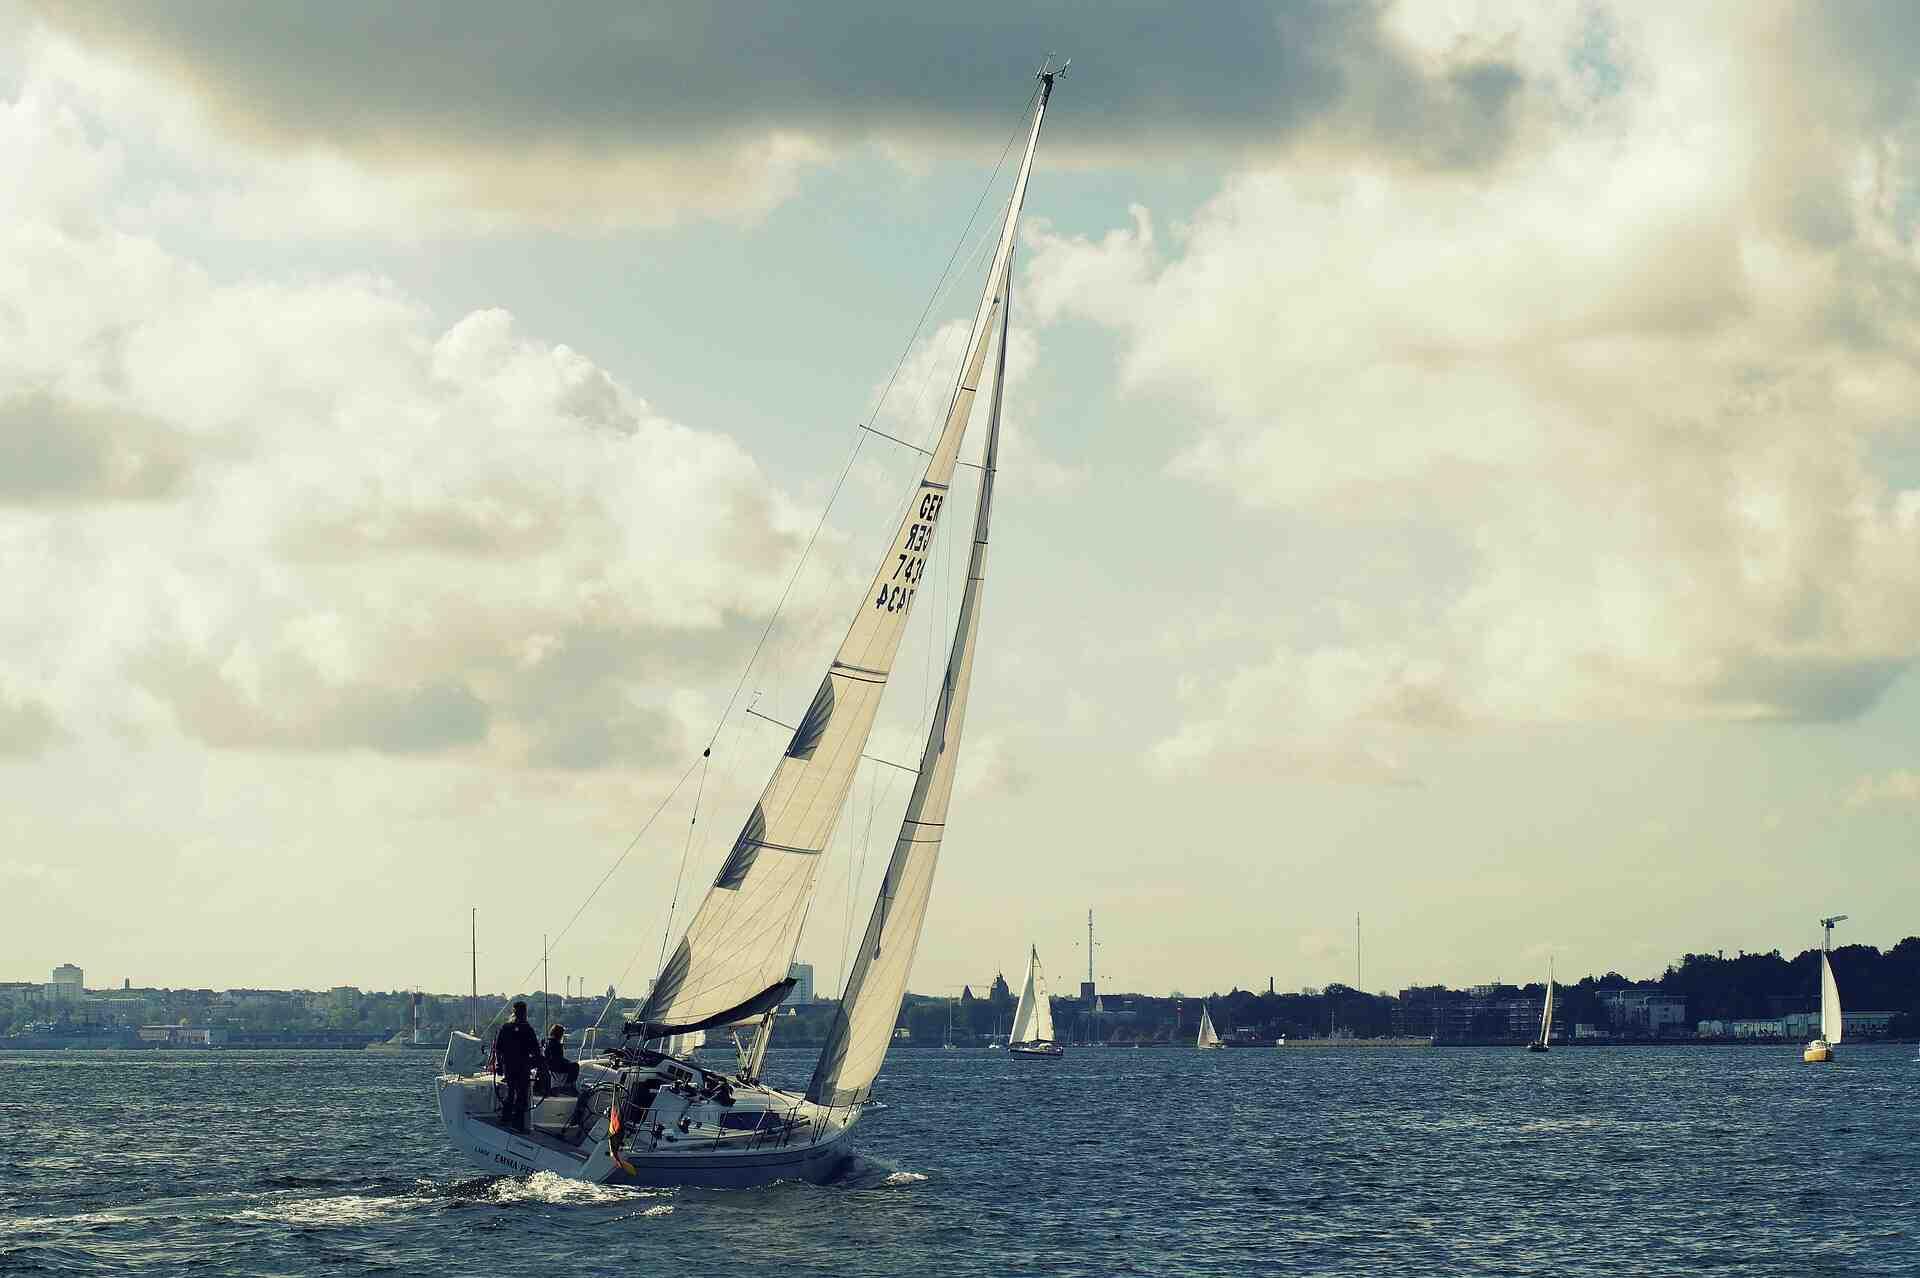 Comment calculer la vitesse d'un voilier ?